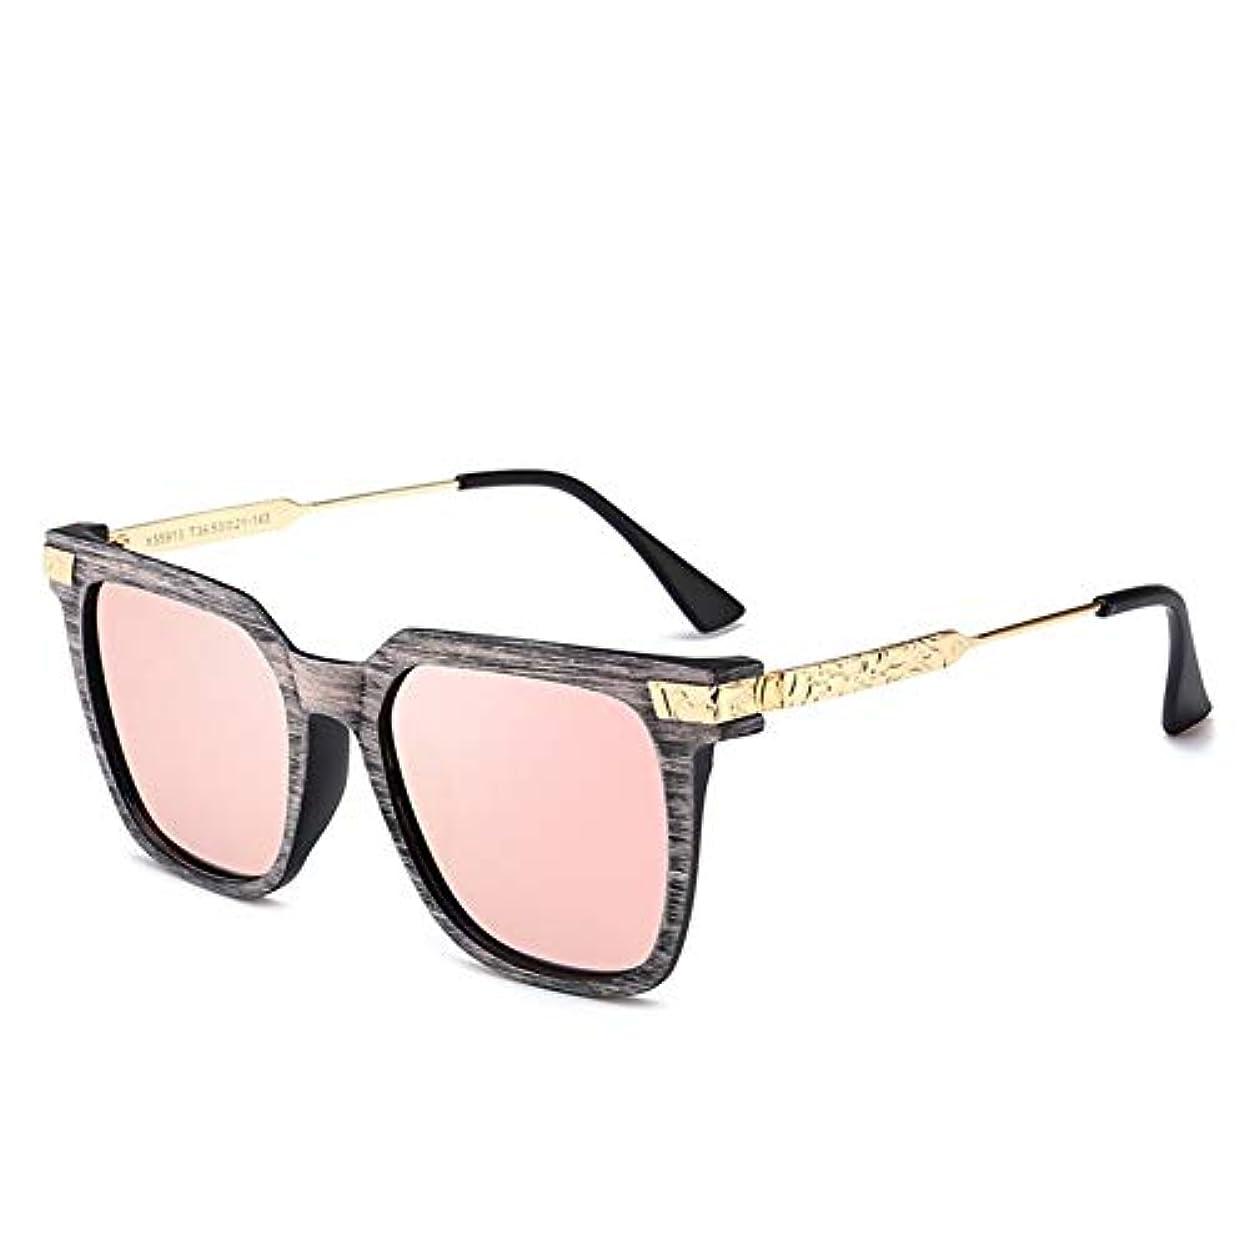 水素居心地の良い屈辱するQ AI NI ストリートファッションサングラス偏光ミラーメンズとレディースブルー、ピンク、パープル 毎日の旅行用サングラス (Color : C3 powder)